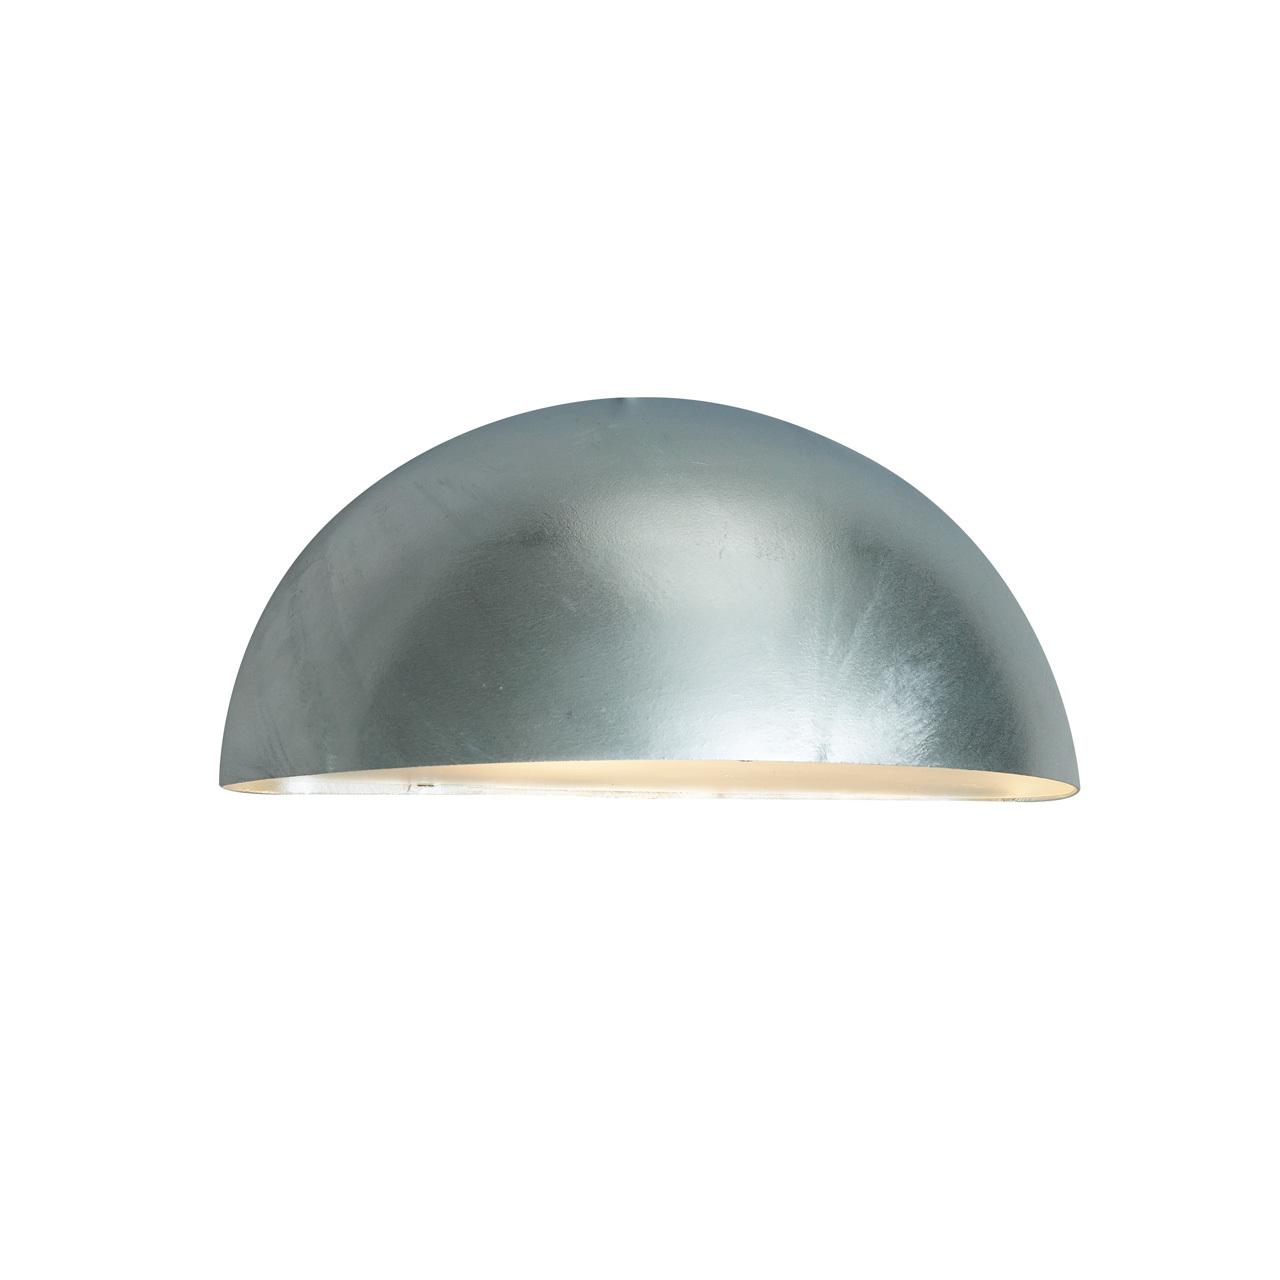 Lampa ścienna PARIS 160GA -Norlys  SPRAWDŹ RABATY  5-10-15-20 % w koszyku